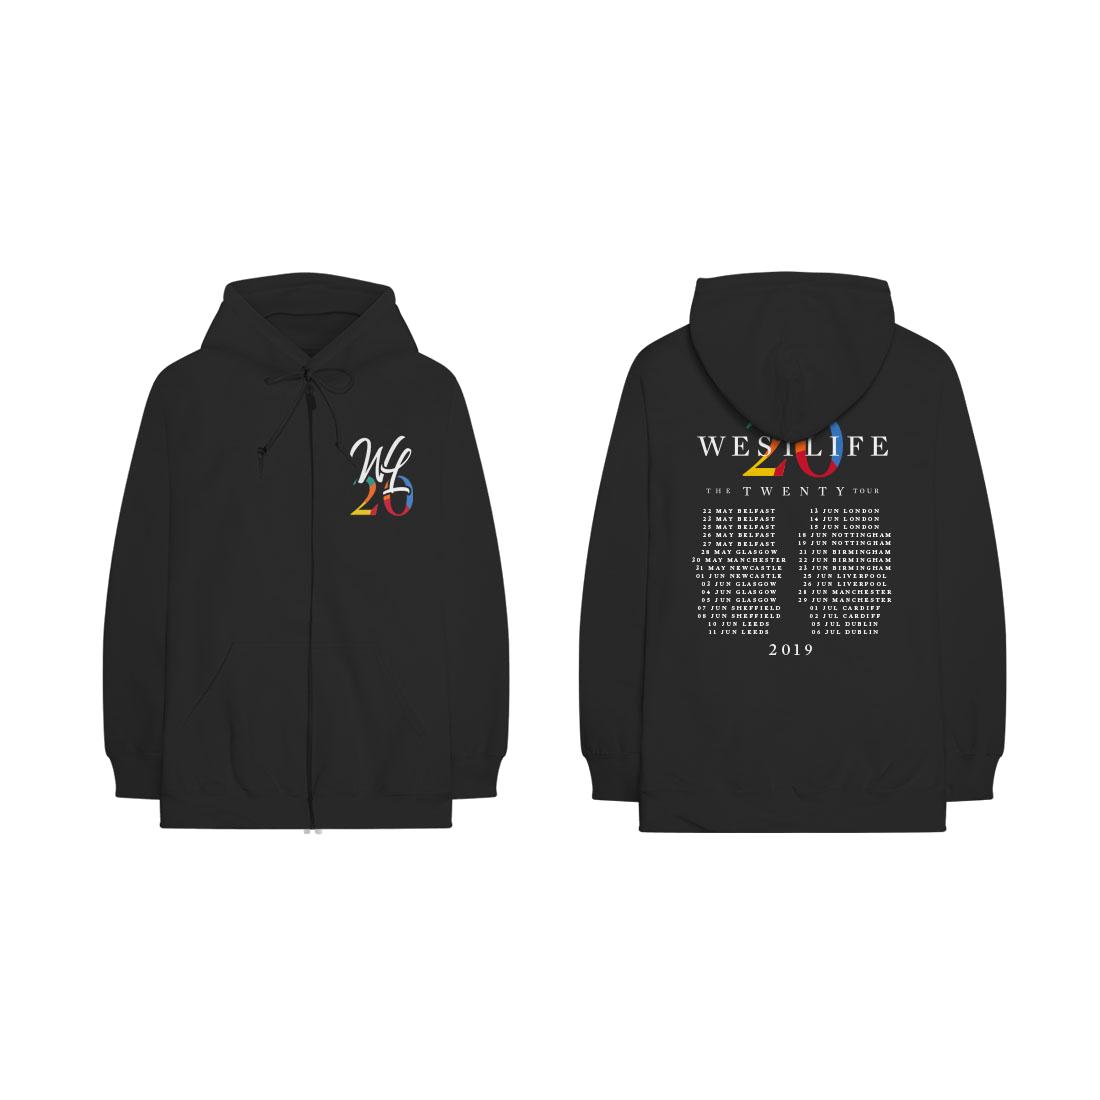 Westlife: Twenty Tour Hoodie